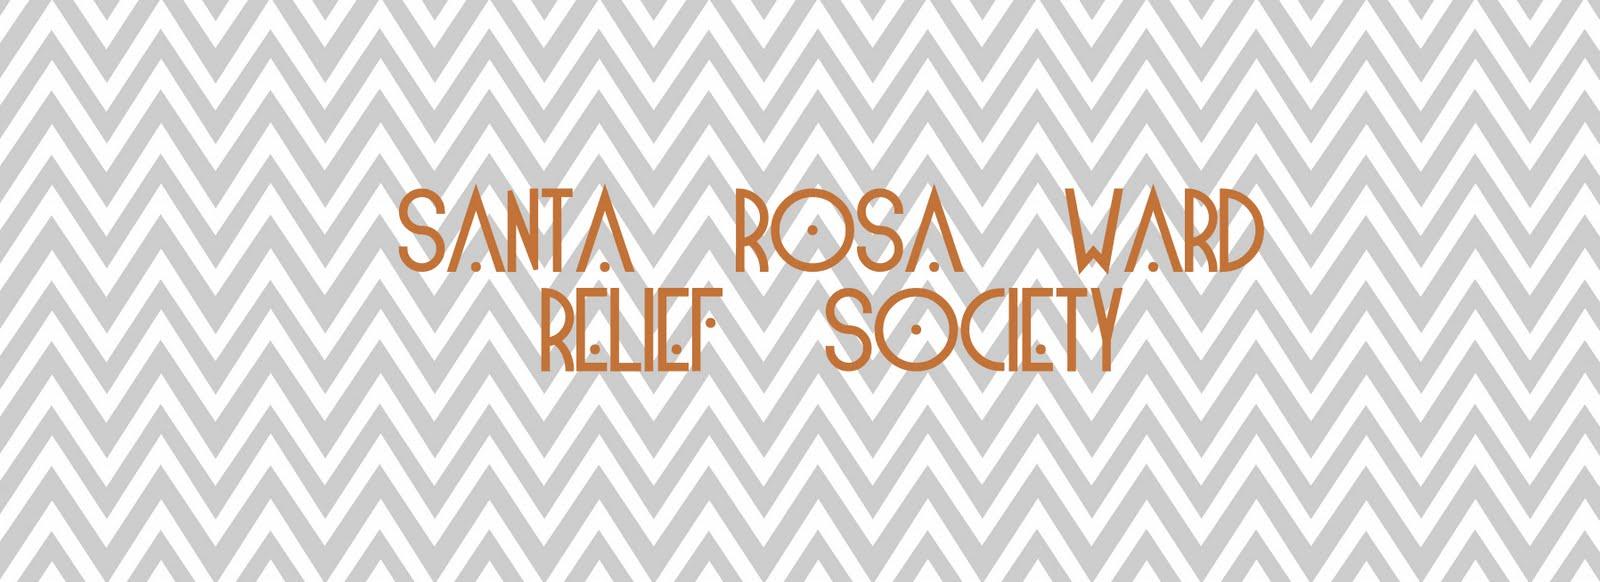 Santa Rosa Relief Society